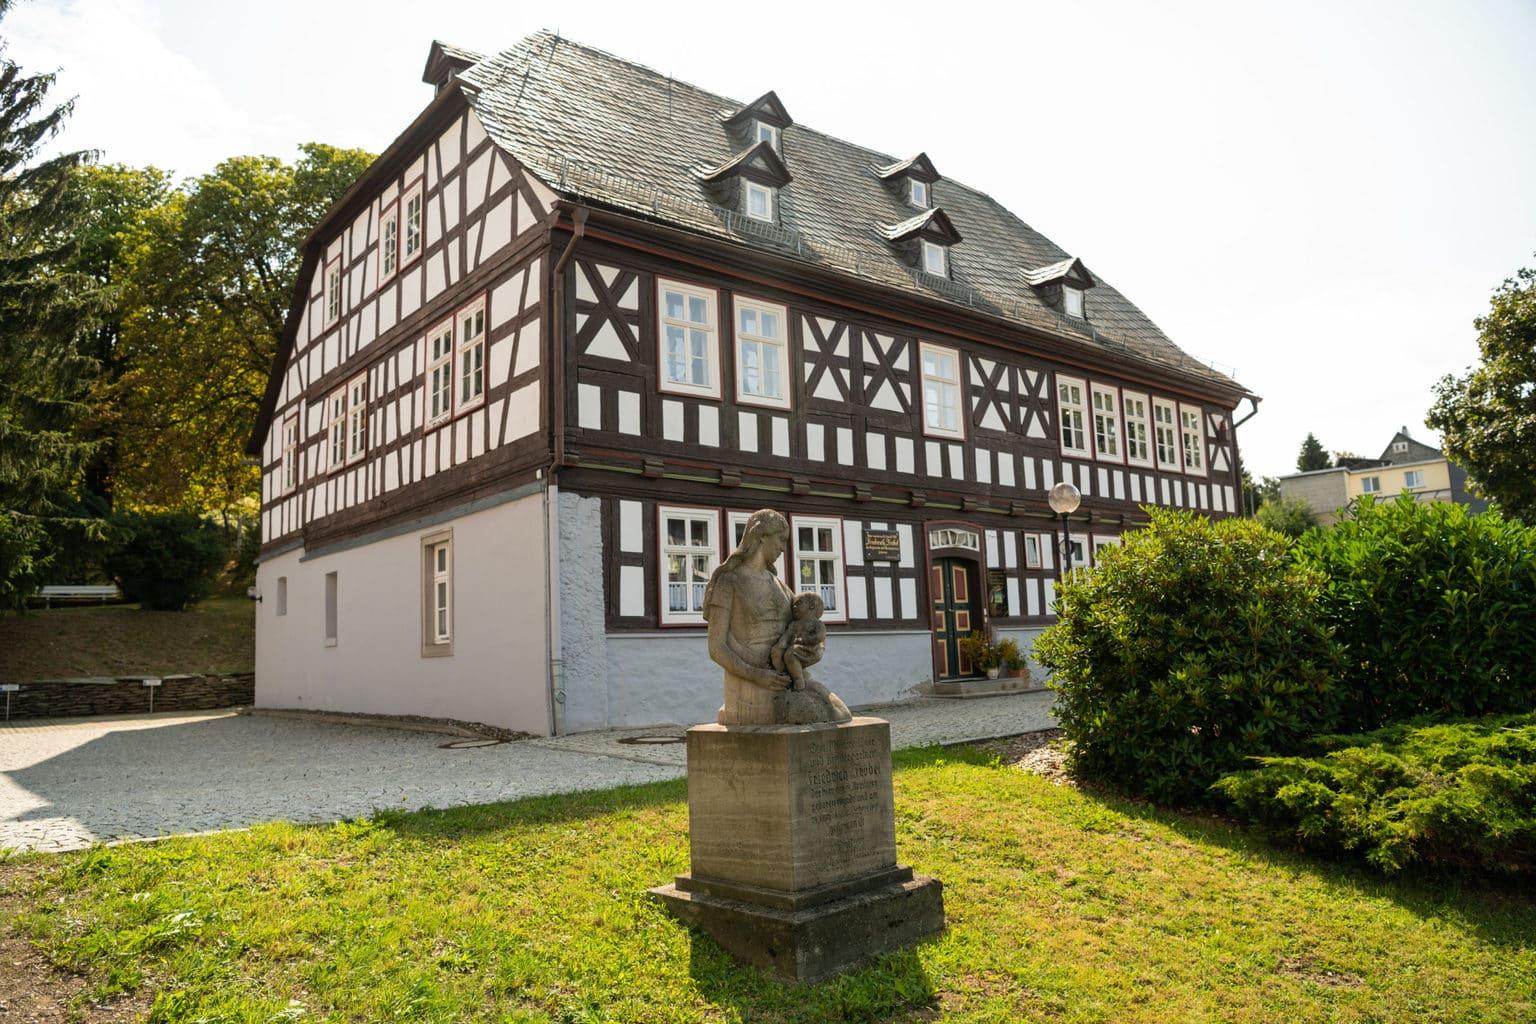 De Olitätenstube in het Thüringer Woud is een mooi vakwerkhuis